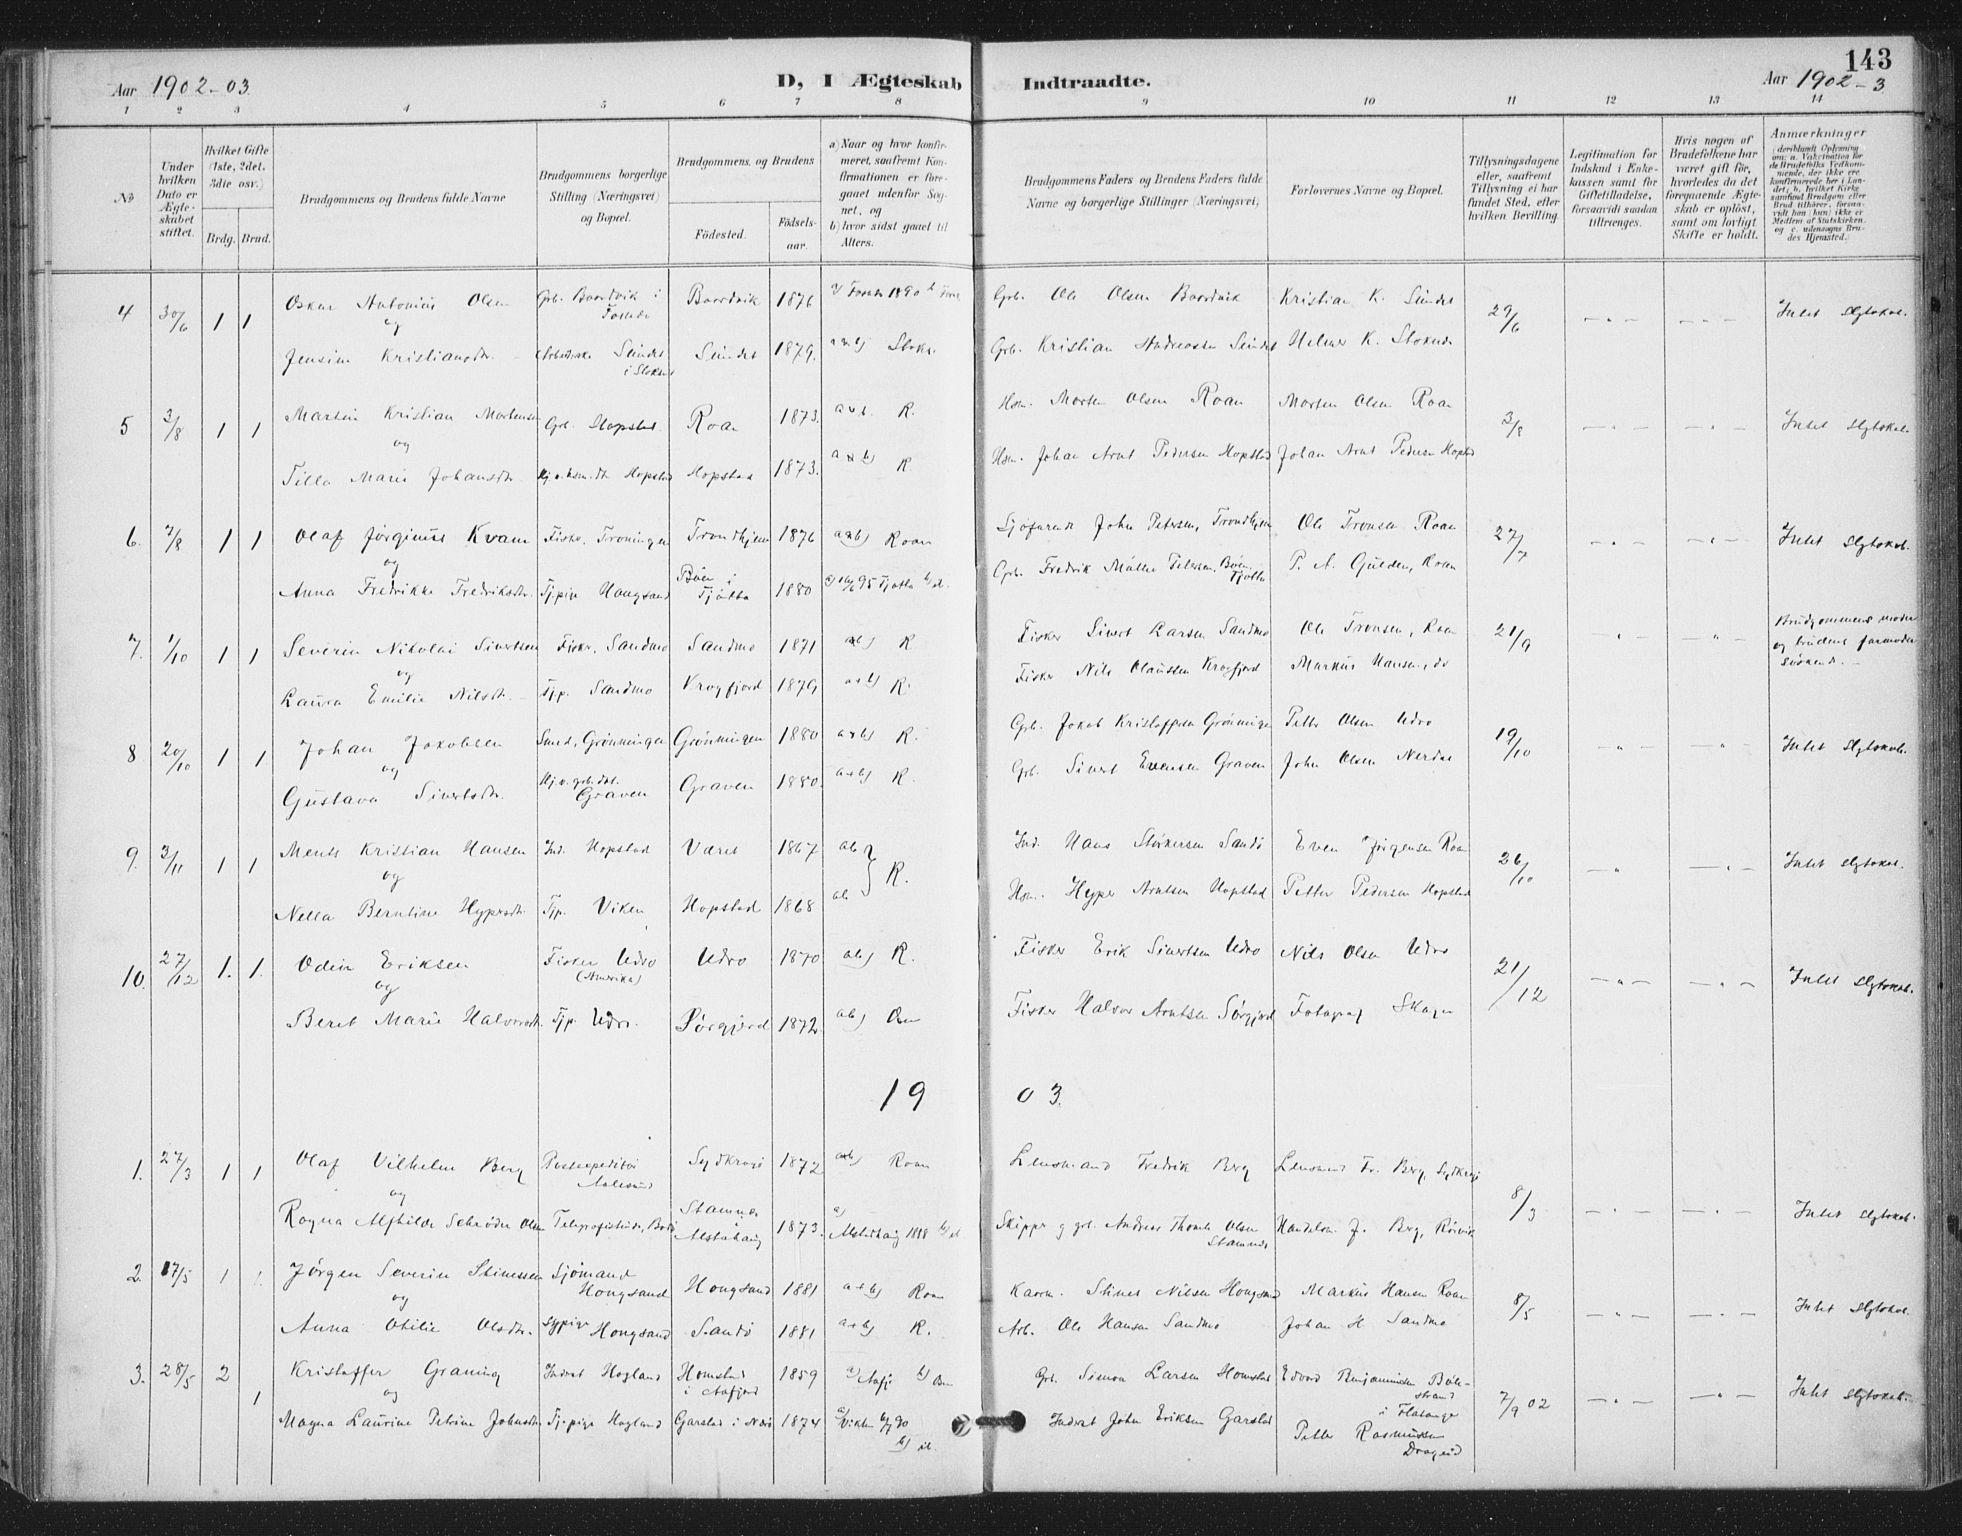 SAT, Ministerialprotokoller, klokkerbøker og fødselsregistre - Sør-Trøndelag, 657/L0708: Ministerialbok nr. 657A09, 1894-1904, s. 143